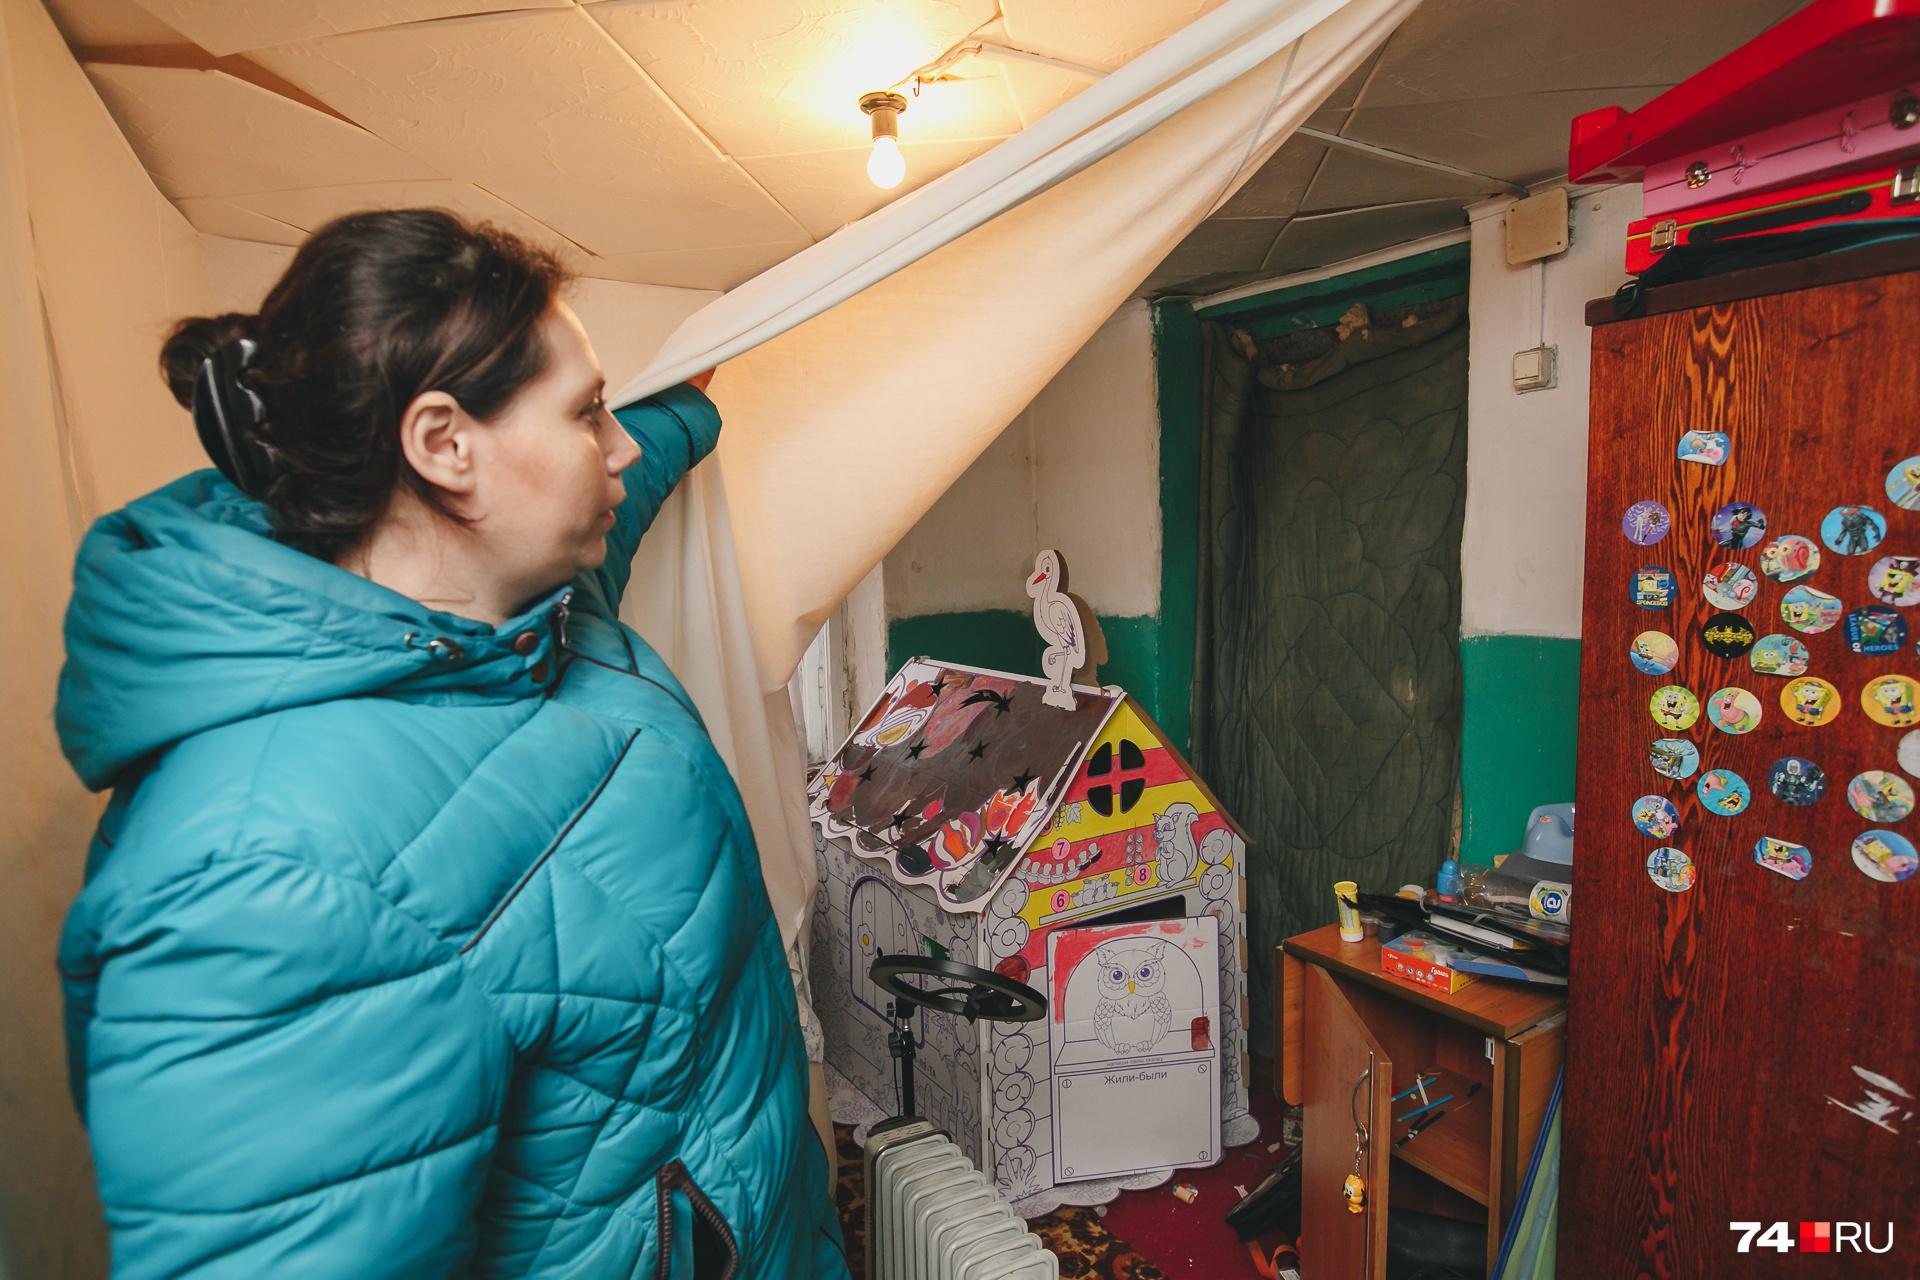 Сделать ремонт в старой части дома Елена не успела